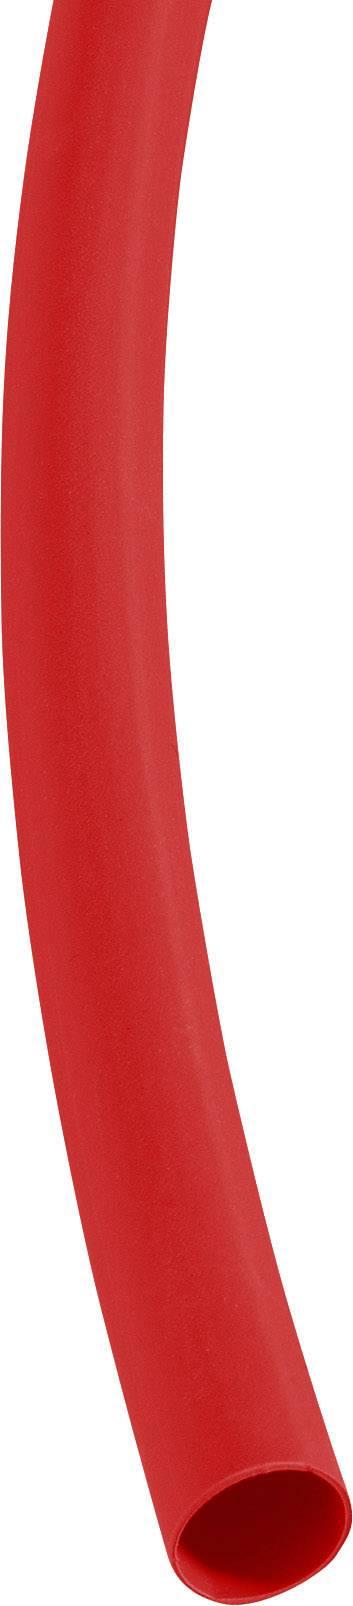 Zmršťovacia bužírka 6/2 mm, červená, 1 m